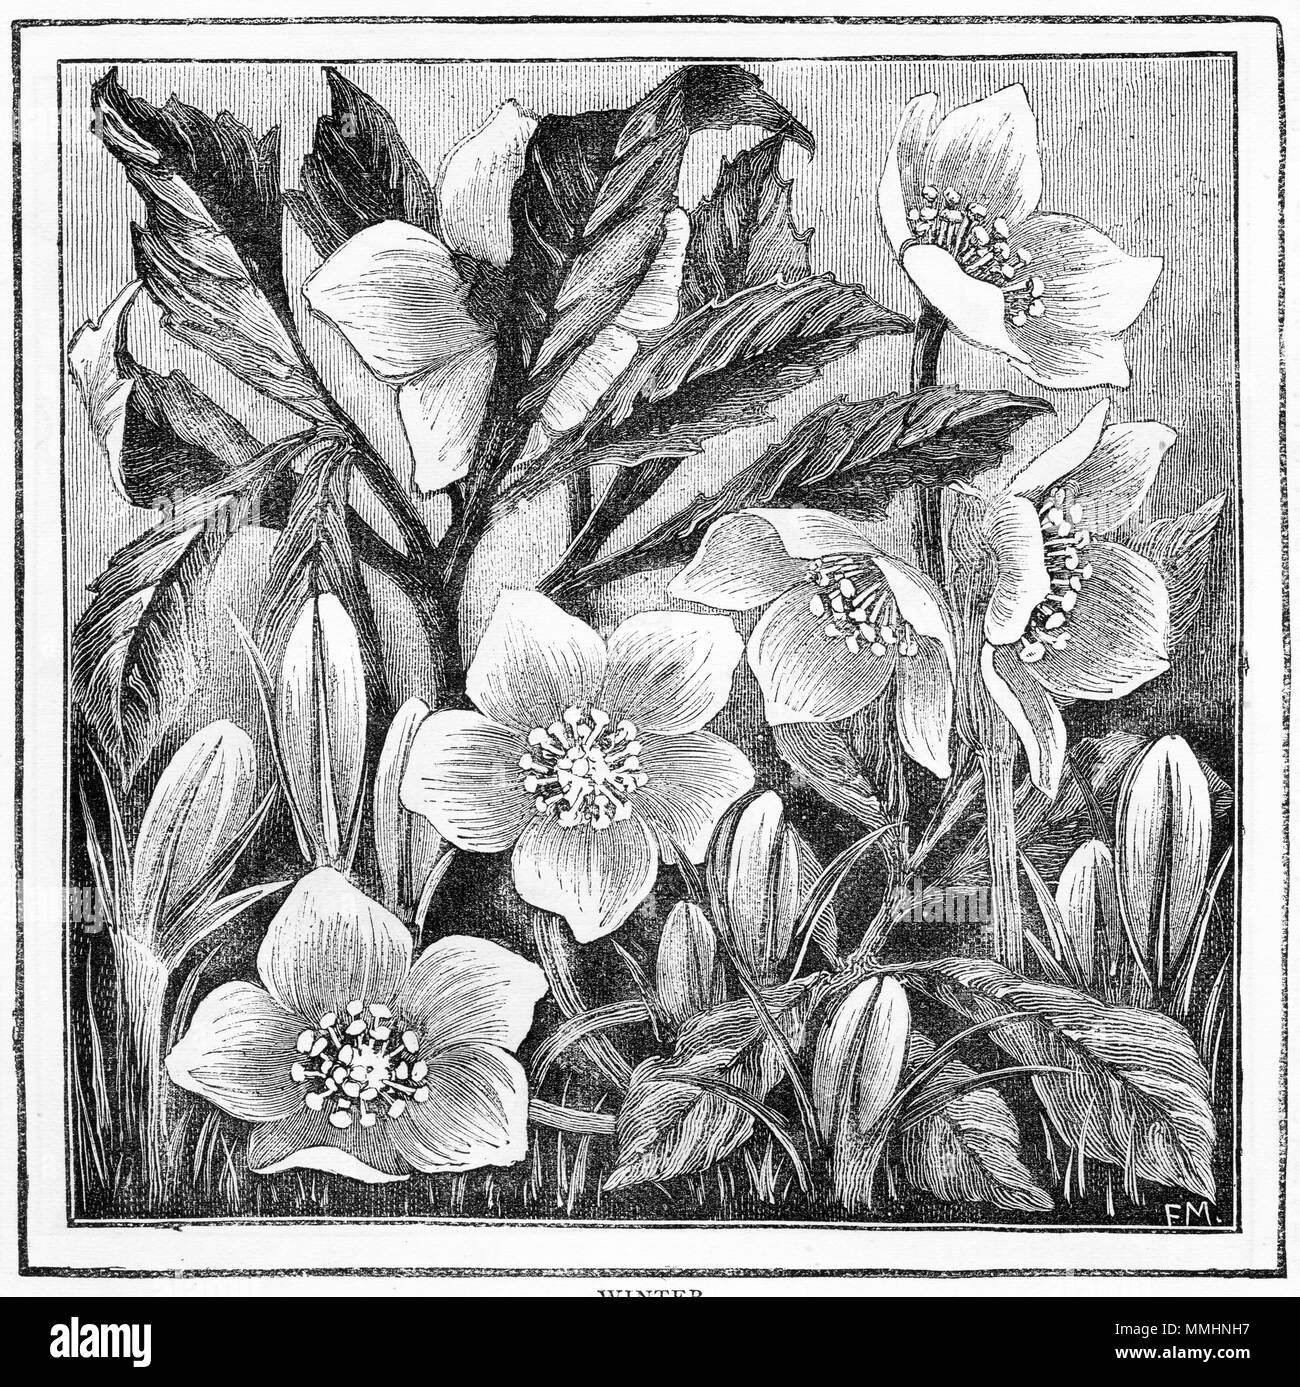 Gravur von Blumen in einem Rahmen. Von einem ursprünglichen Gravur ...